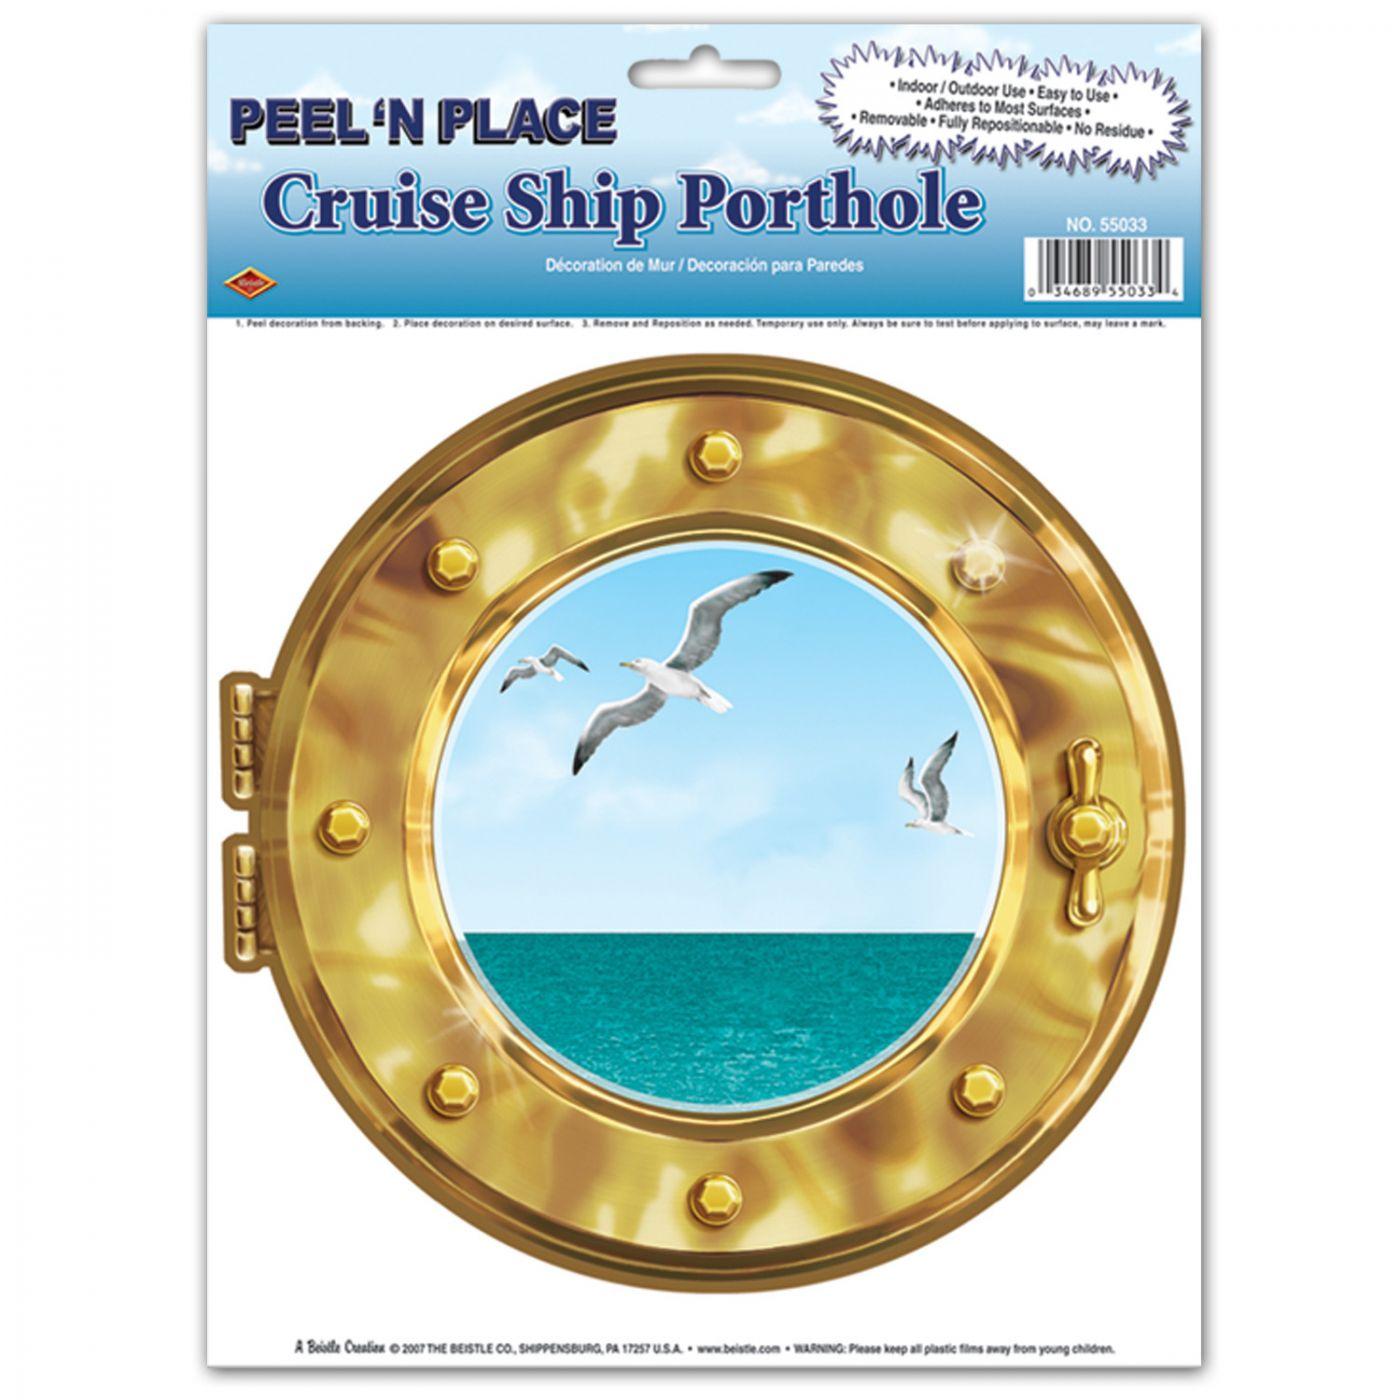 Cruise Ship Porthole Peel 'N Place image